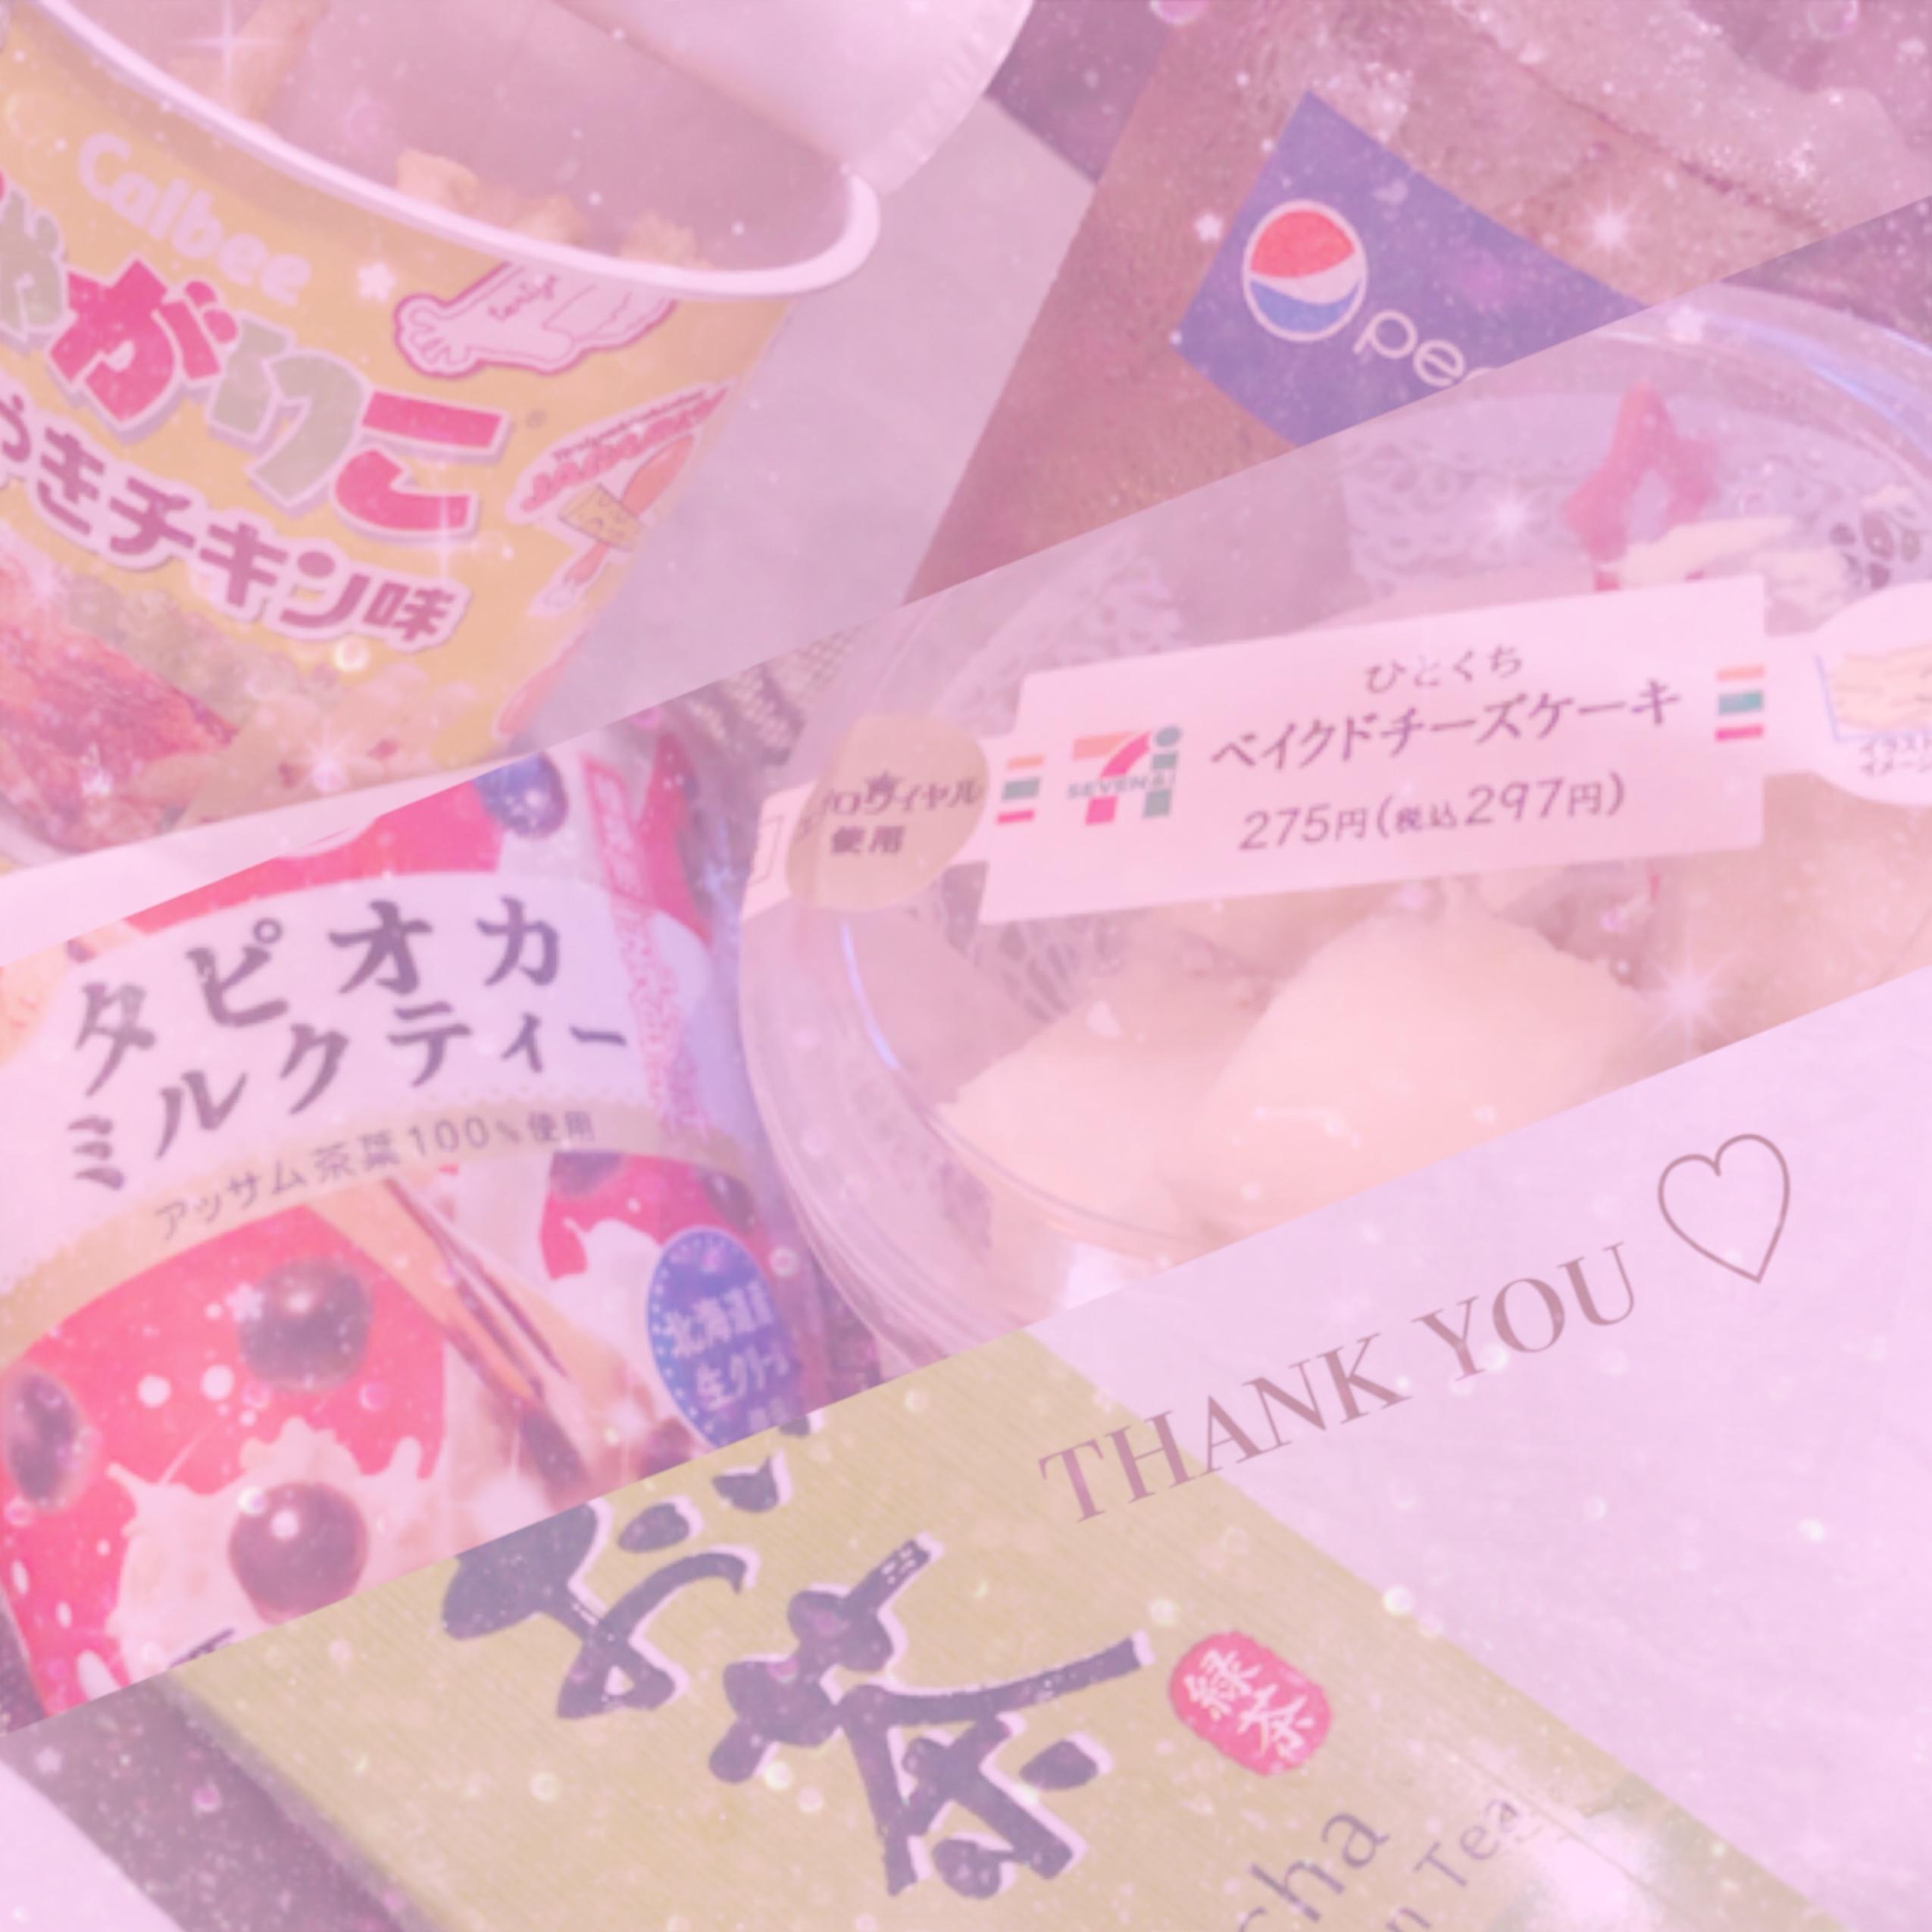 「御礼♡」09/22(土) 02:56 | ユアの写メ・風俗動画